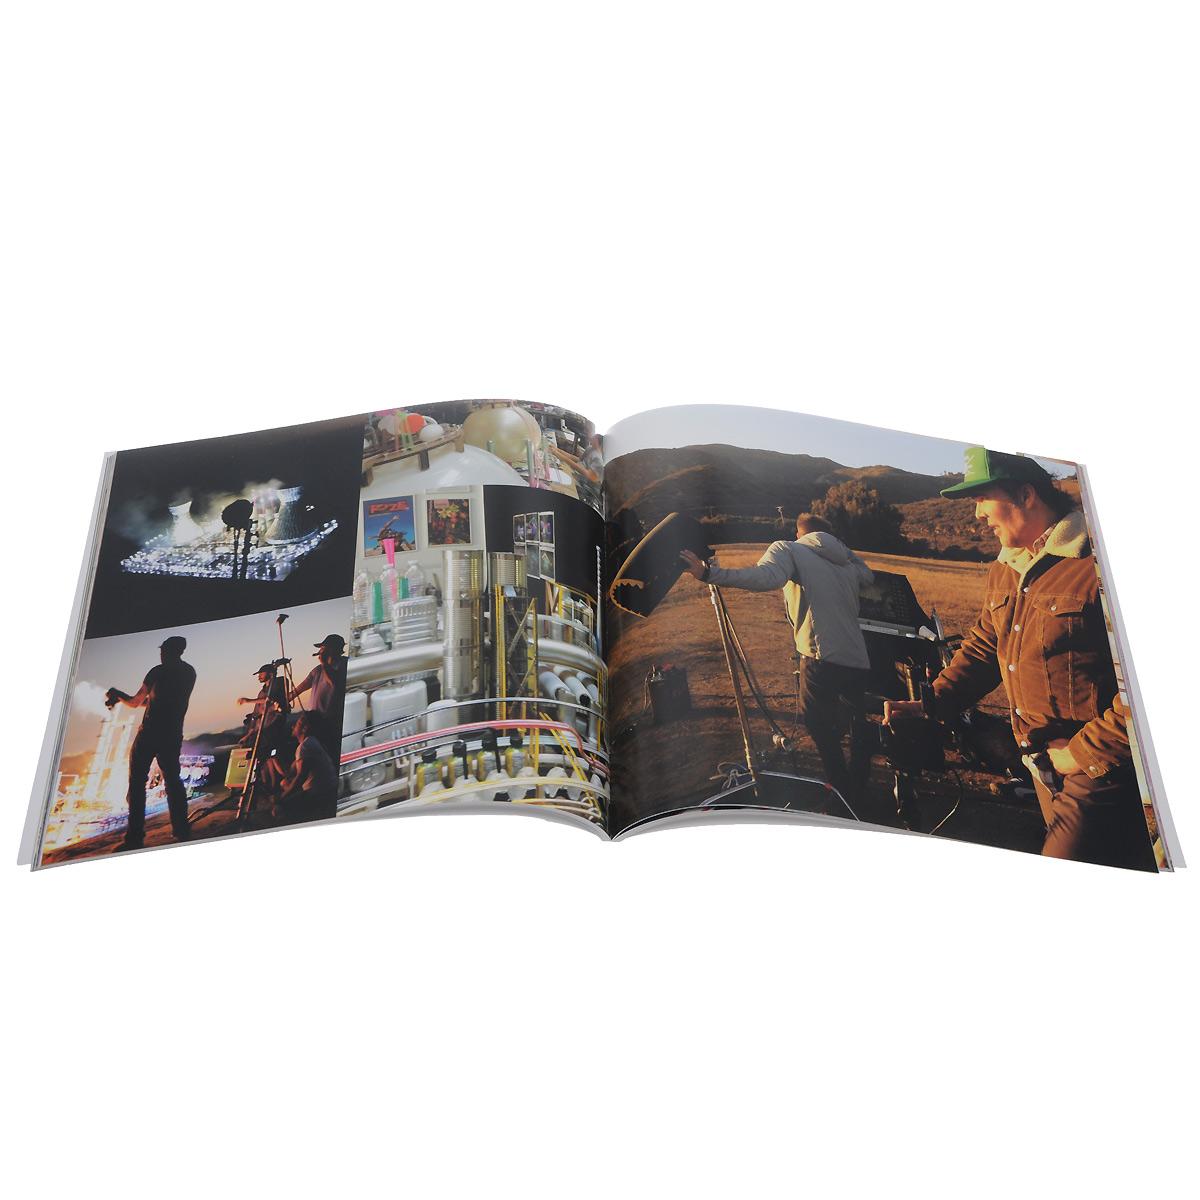 David LaChapelle: Landscape